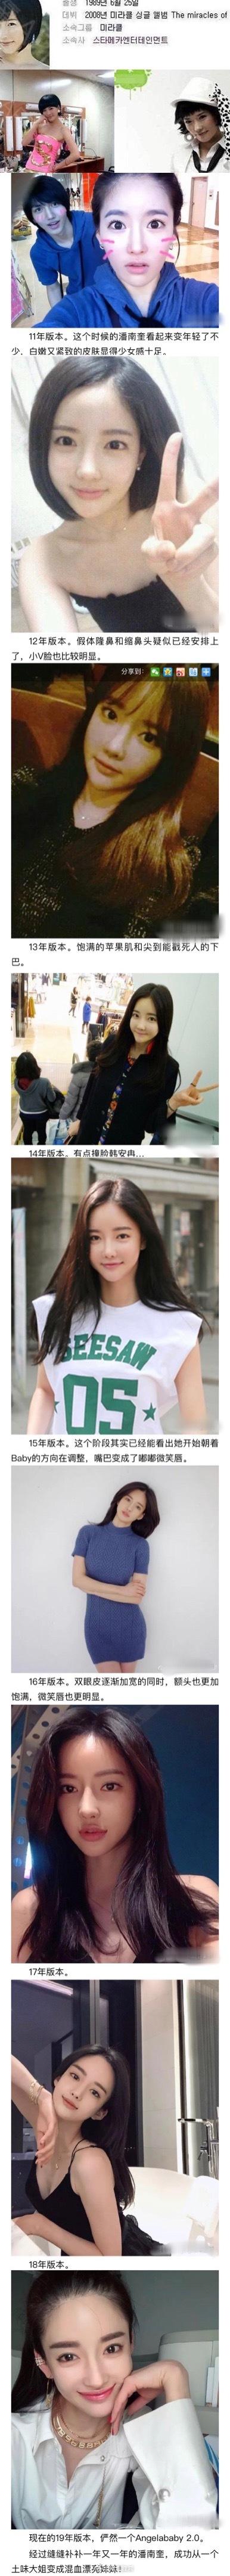 讲真,你们第一次看见潘南奎 有被她的美貌所吸引吗? liuliushe.net六六社 第6张